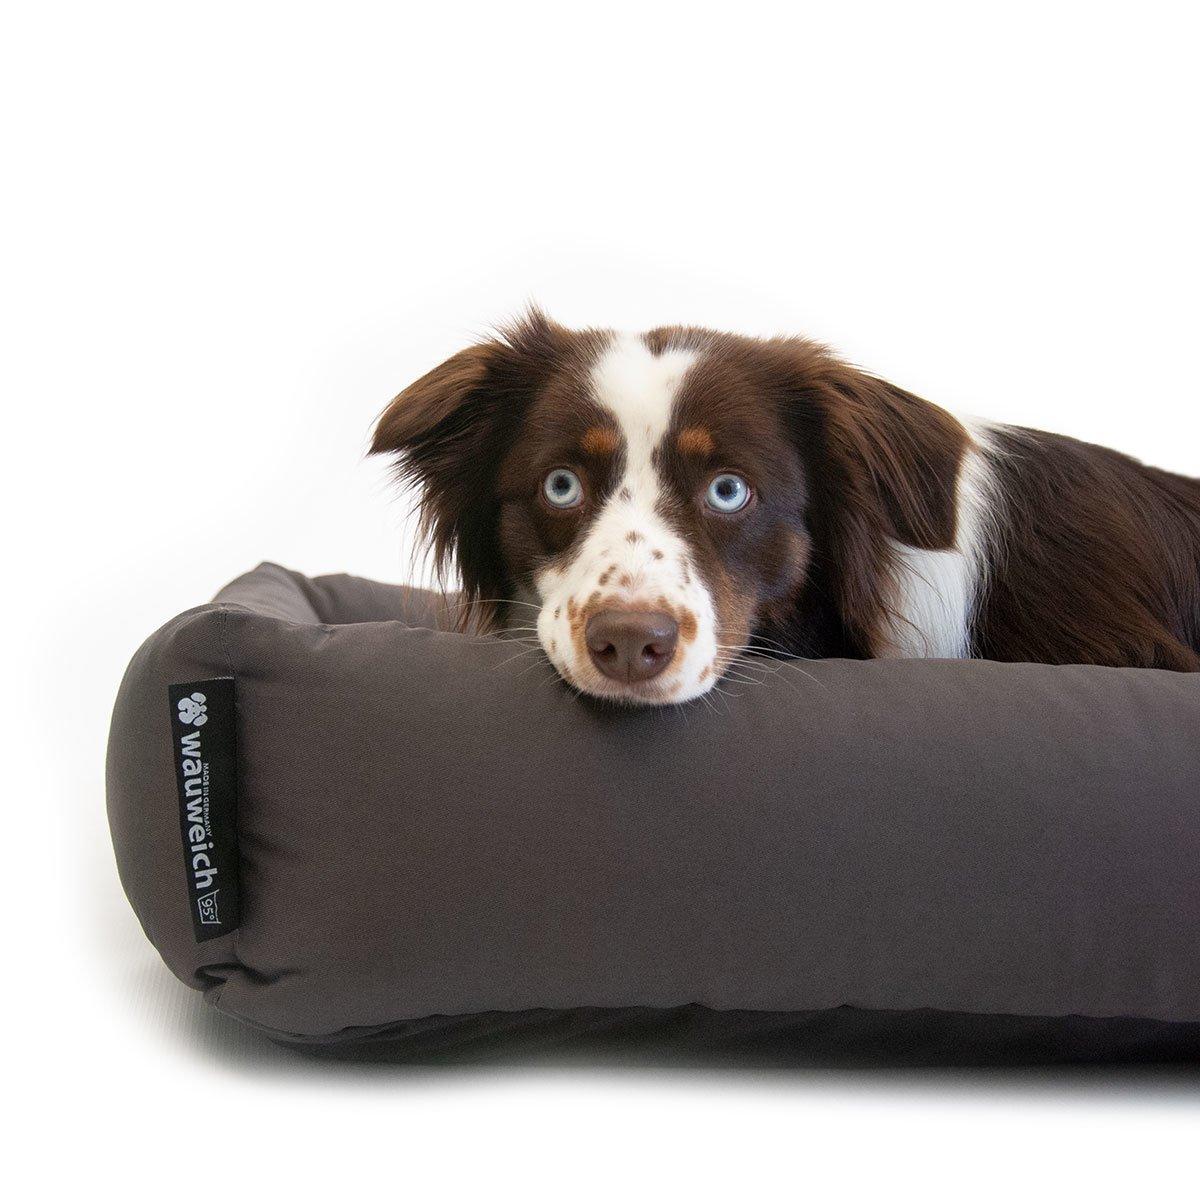 wauweich 95 Grad Hundebett mit Einlegekissen, Bild 4